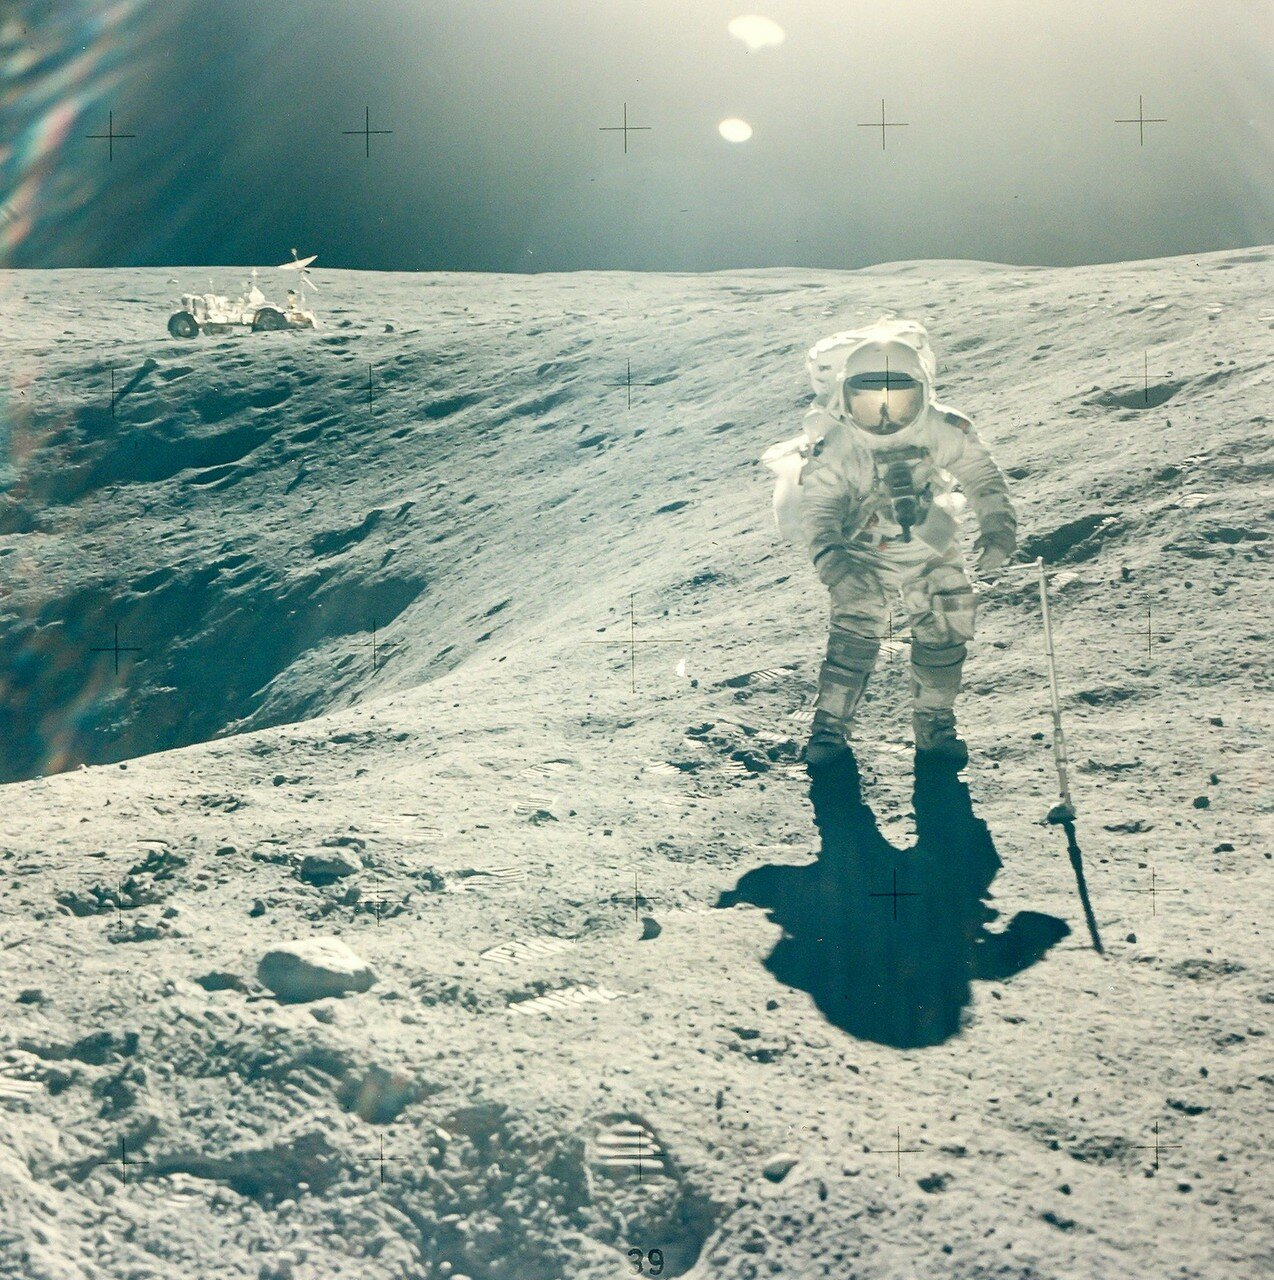 Его подобрал Чарли Дьюк, закатив одной рукой по правой ноге. Позднее эта брекчия была названа «Большой Мюли». На снимке: Чарльз Дьюк на краю кратера